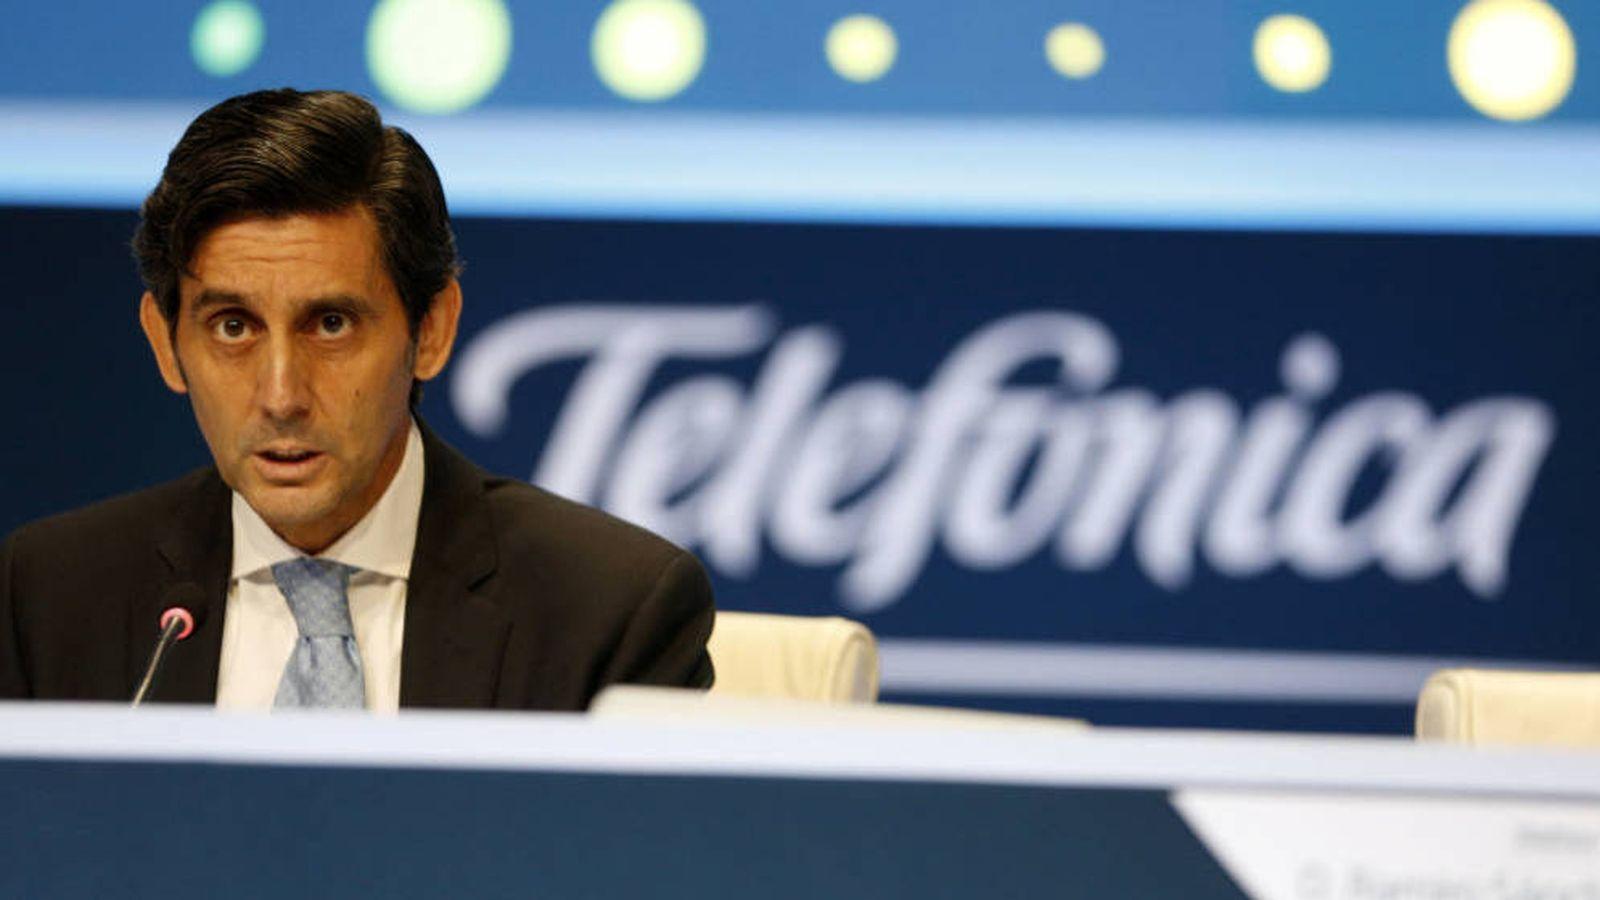 Foto: José María Álvarez-Pallete, presidente de Telefónica, ha reactivado las ventas de Telxius y O2. (Reuters)